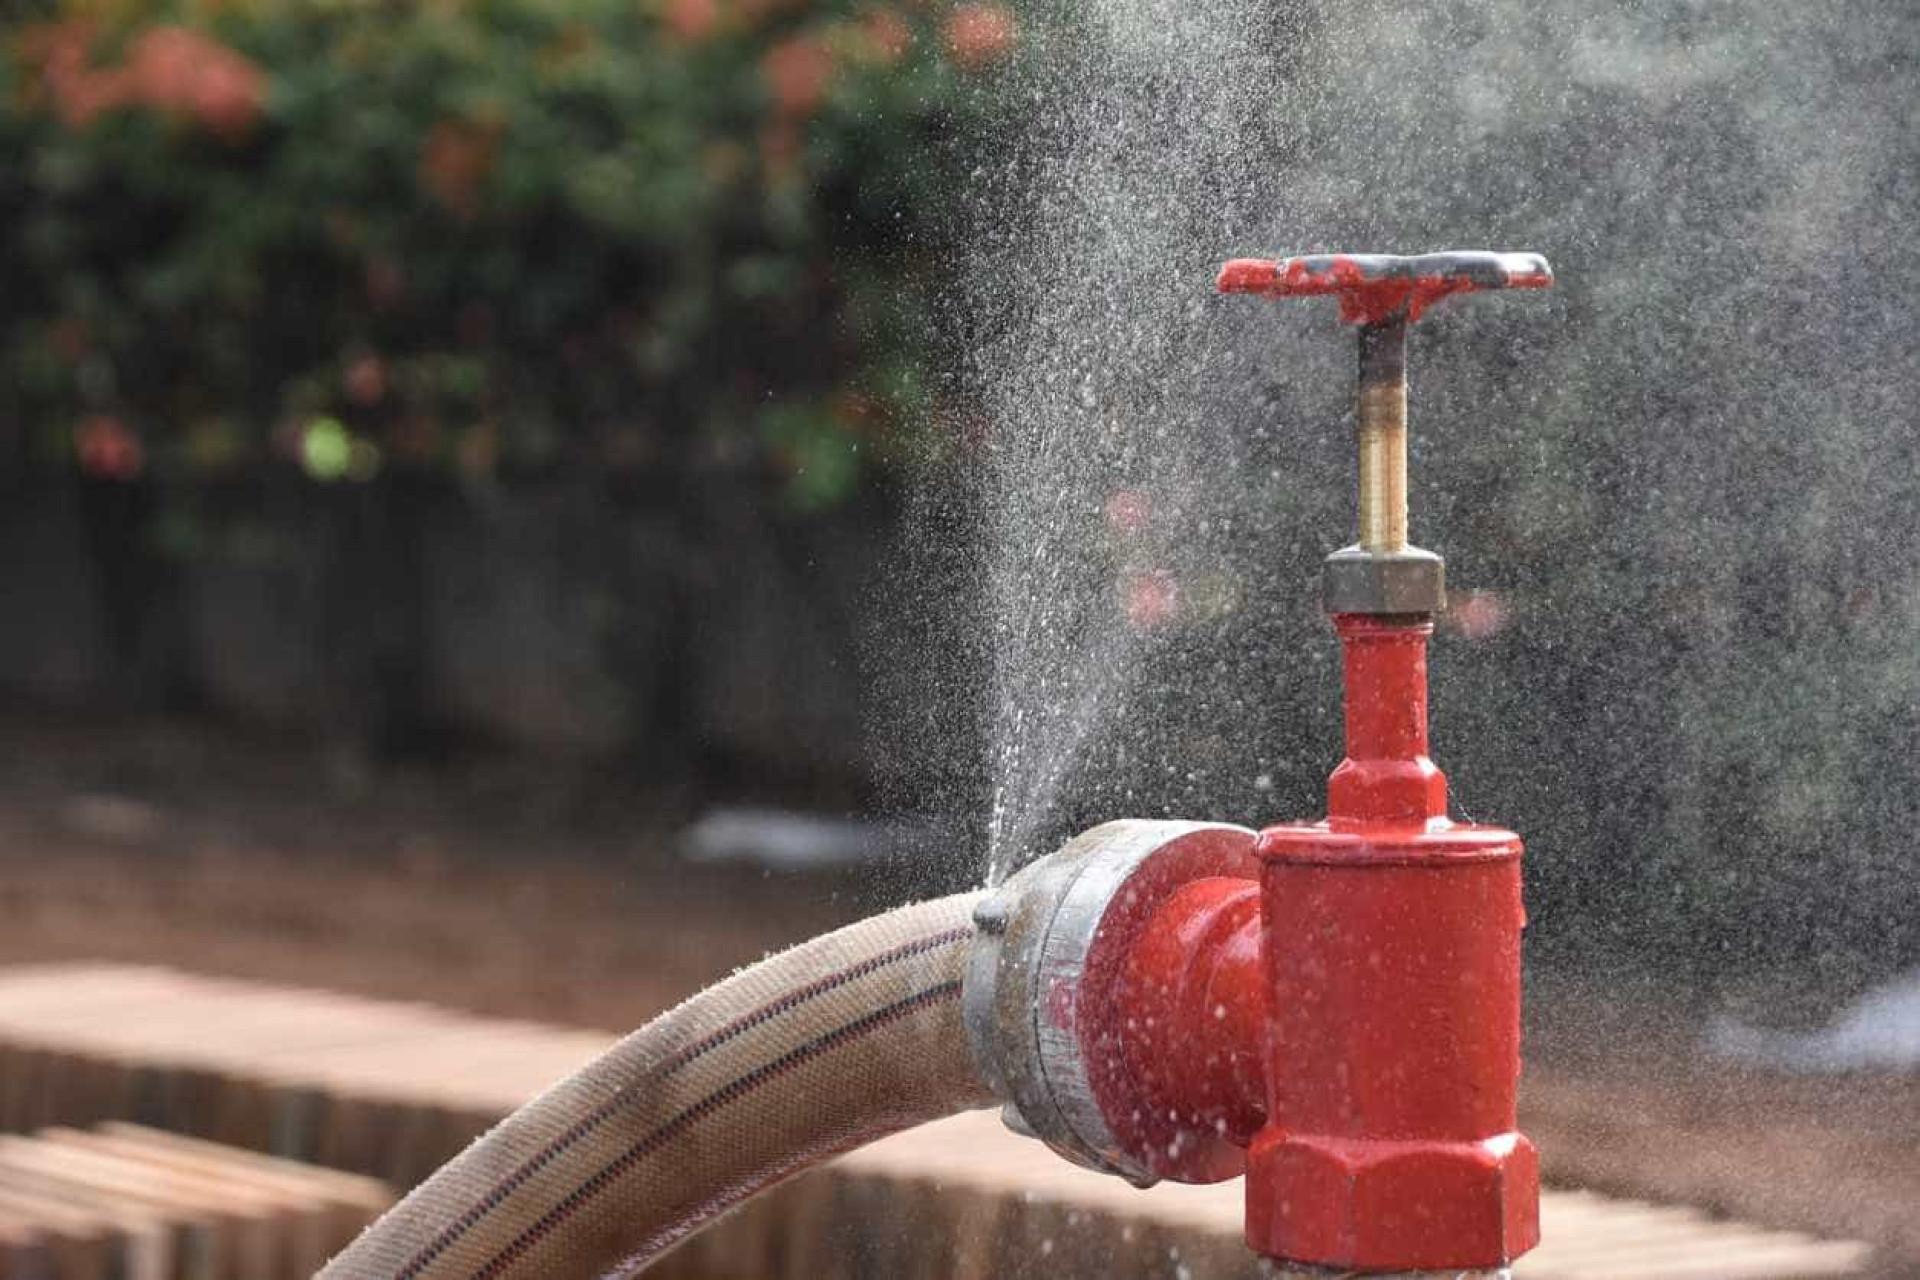 Portugal vive maior seca de sempre. Estes pequenos gestos podem ajudar